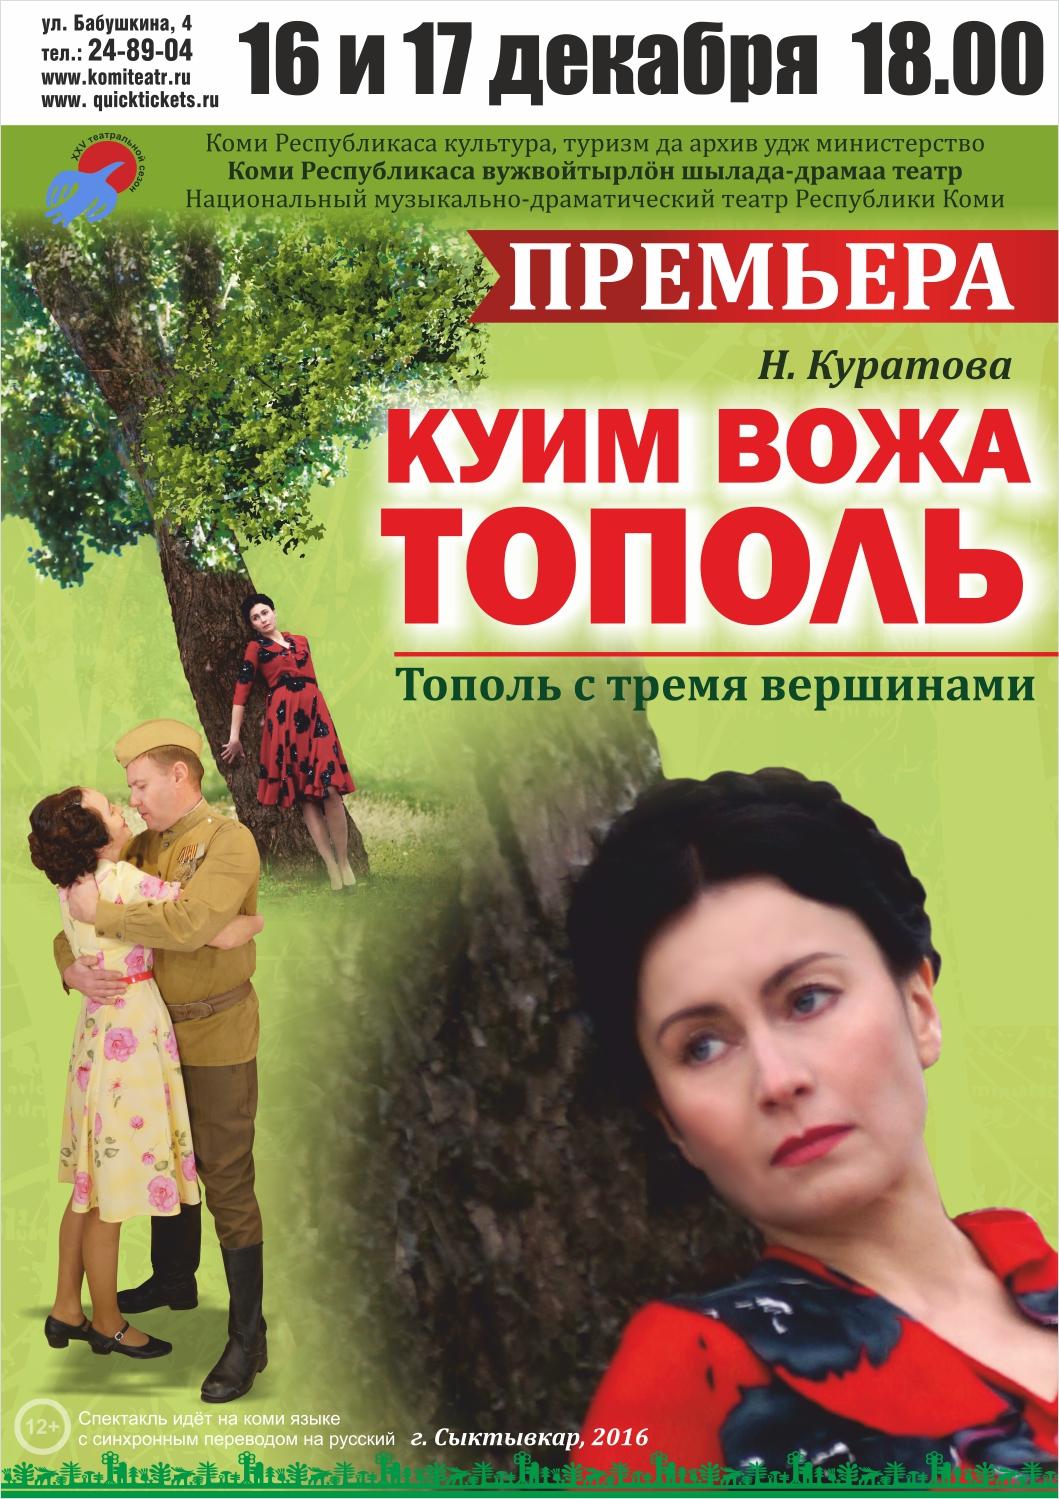 Афиша Тополь премьера